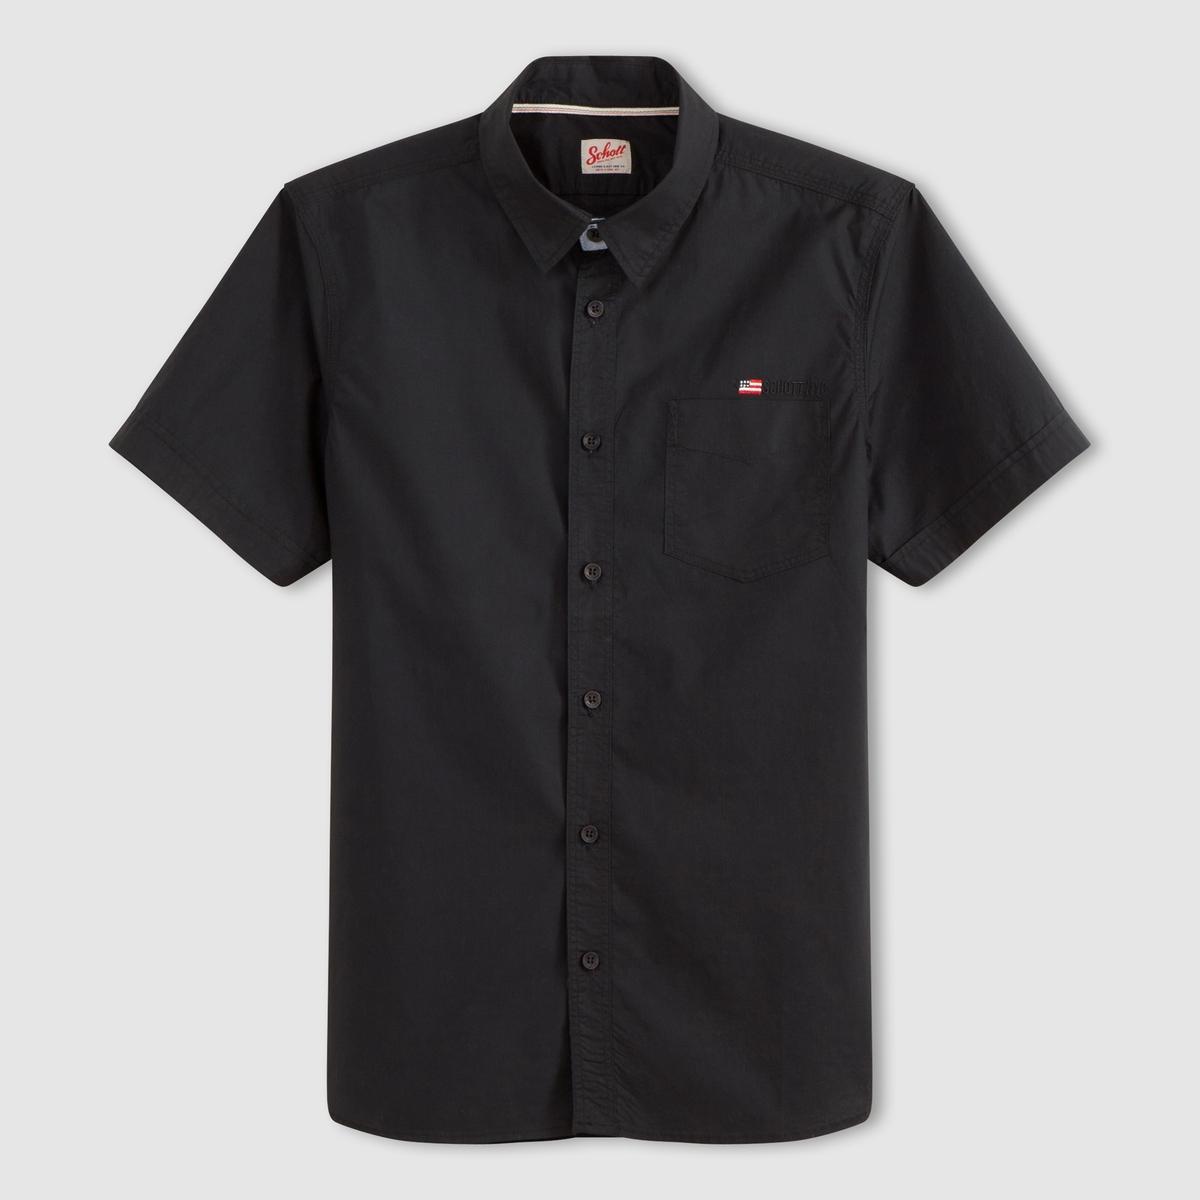 Рубашка с короткими рукавами STAMFORDРубашка с короткими рукавами STAMFORD - SCHOTT. Прямой покрой, классический воротник, застежка на пуговицы.  1 нагрудный карман. Низ рукавов с застежкой на пуговицы. Логотип нашит на кармане.Состав и описание :Материал : 100% хлопкаМарка : SCHOTT<br><br>Цвет: черный